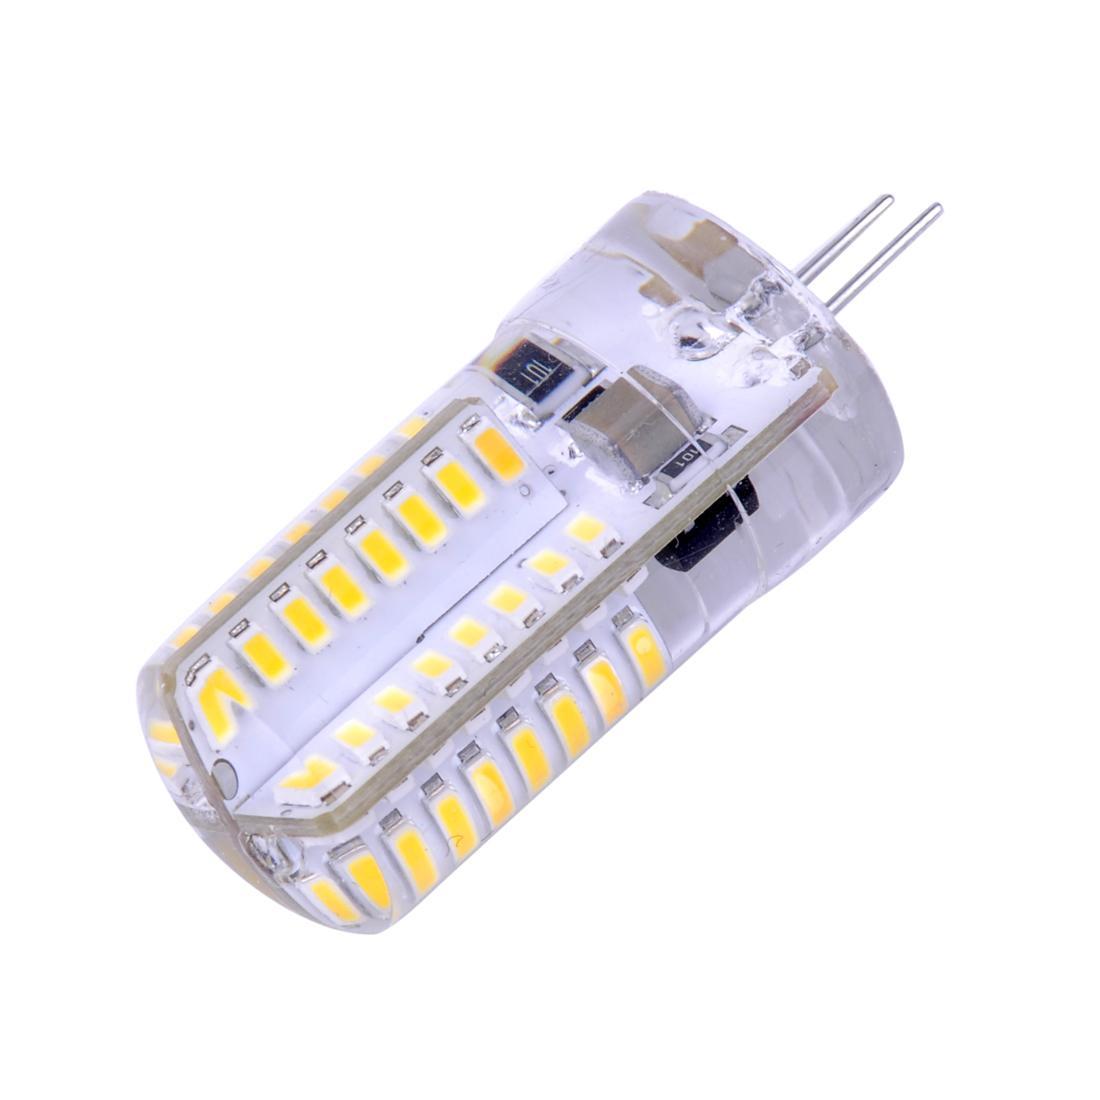 LED žiarovka 64 x SMD 3014 G4 4W studená biela 220V